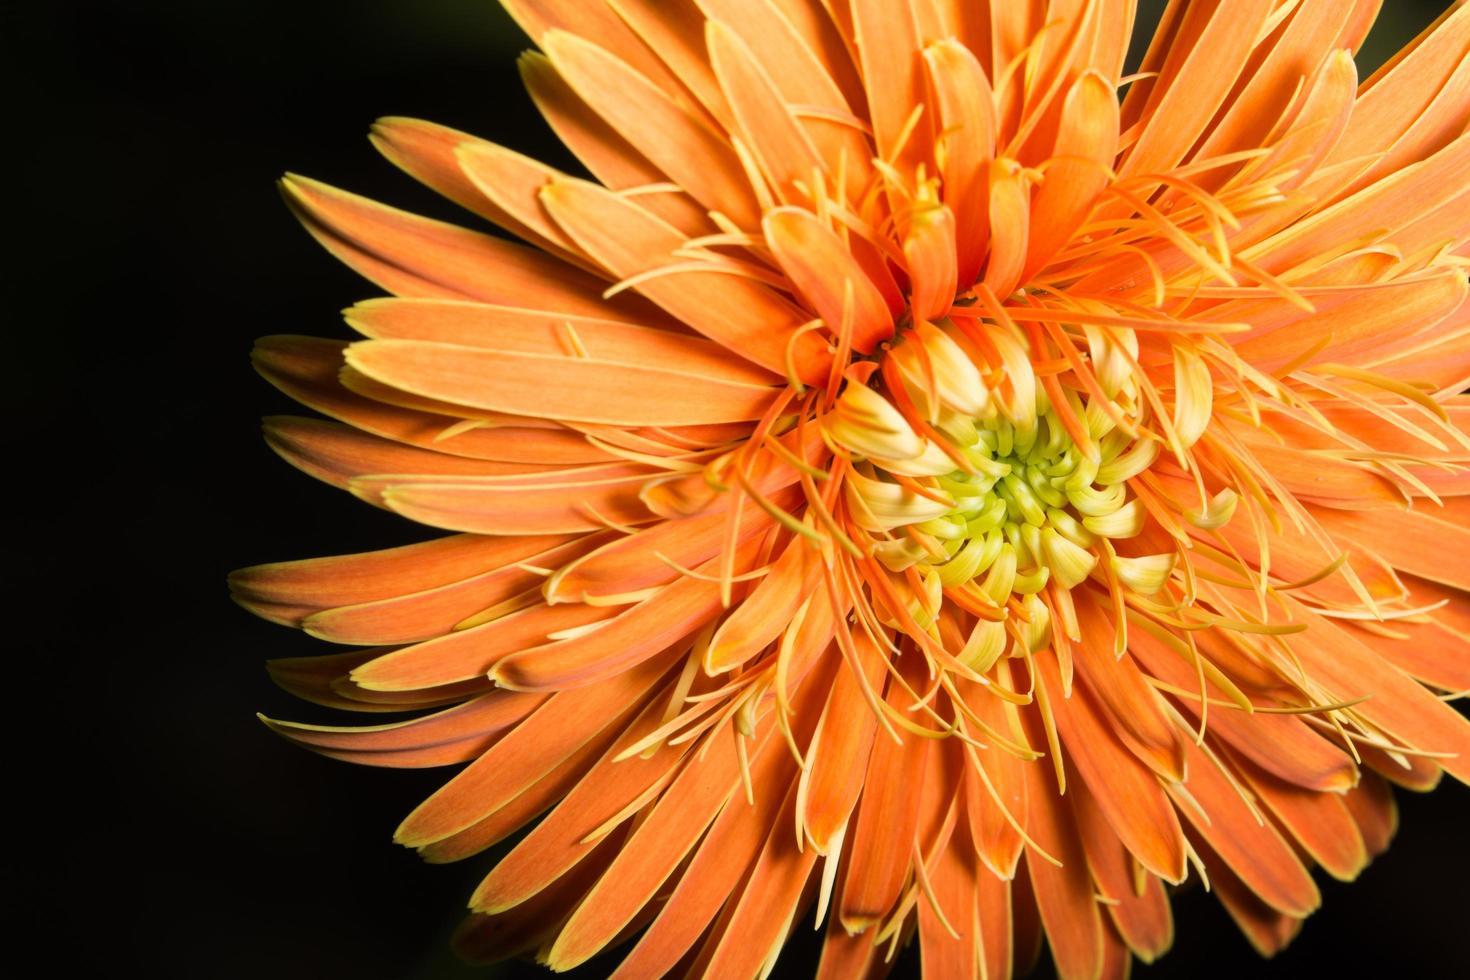 primer plano de flor de gerbera naranja foto